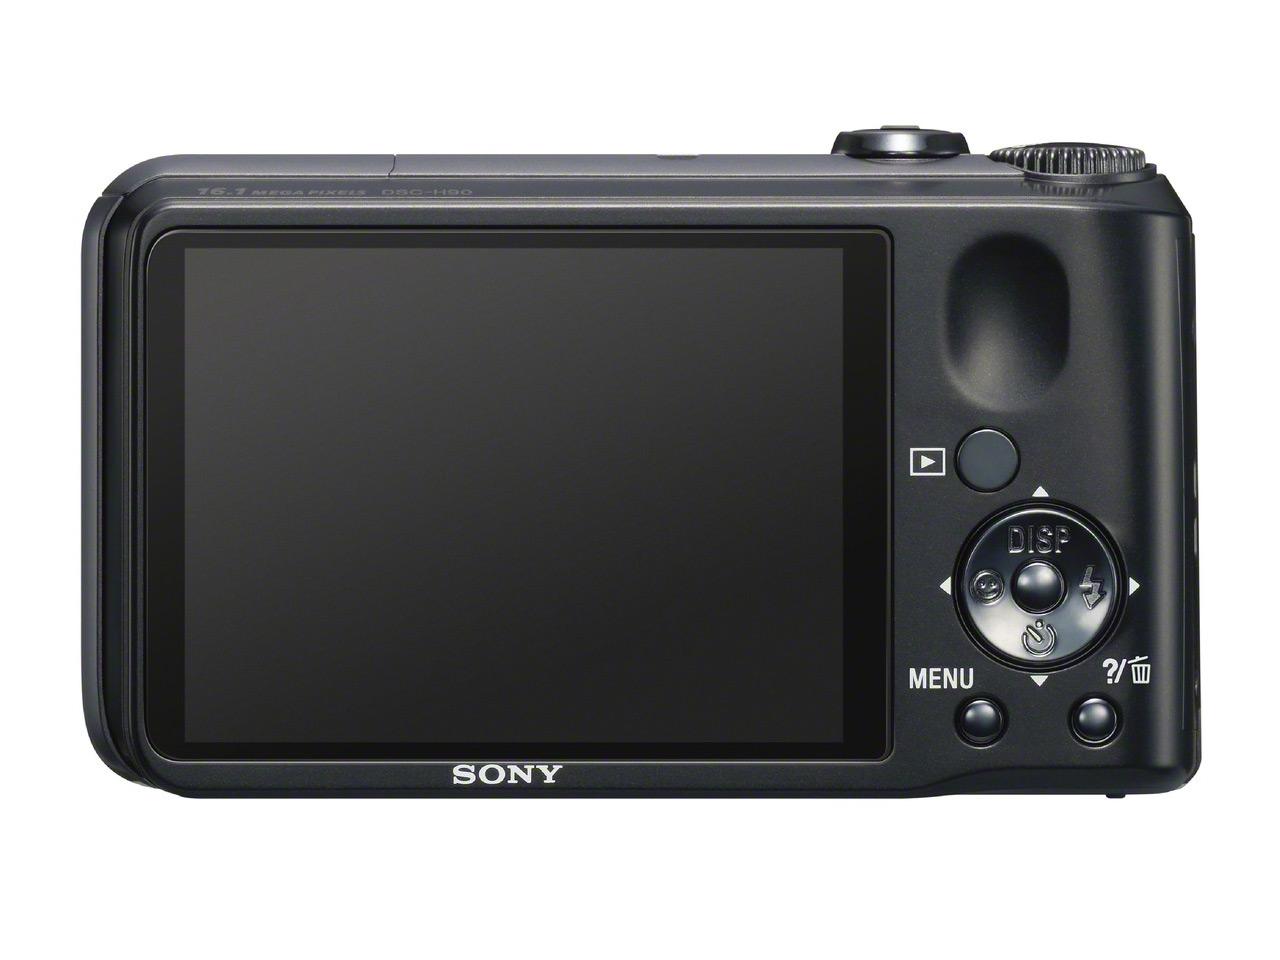 Sony toob lagedale viis hea suumiga digikaamerat HX200V, HX30V, HX20V, HX10V ja H90